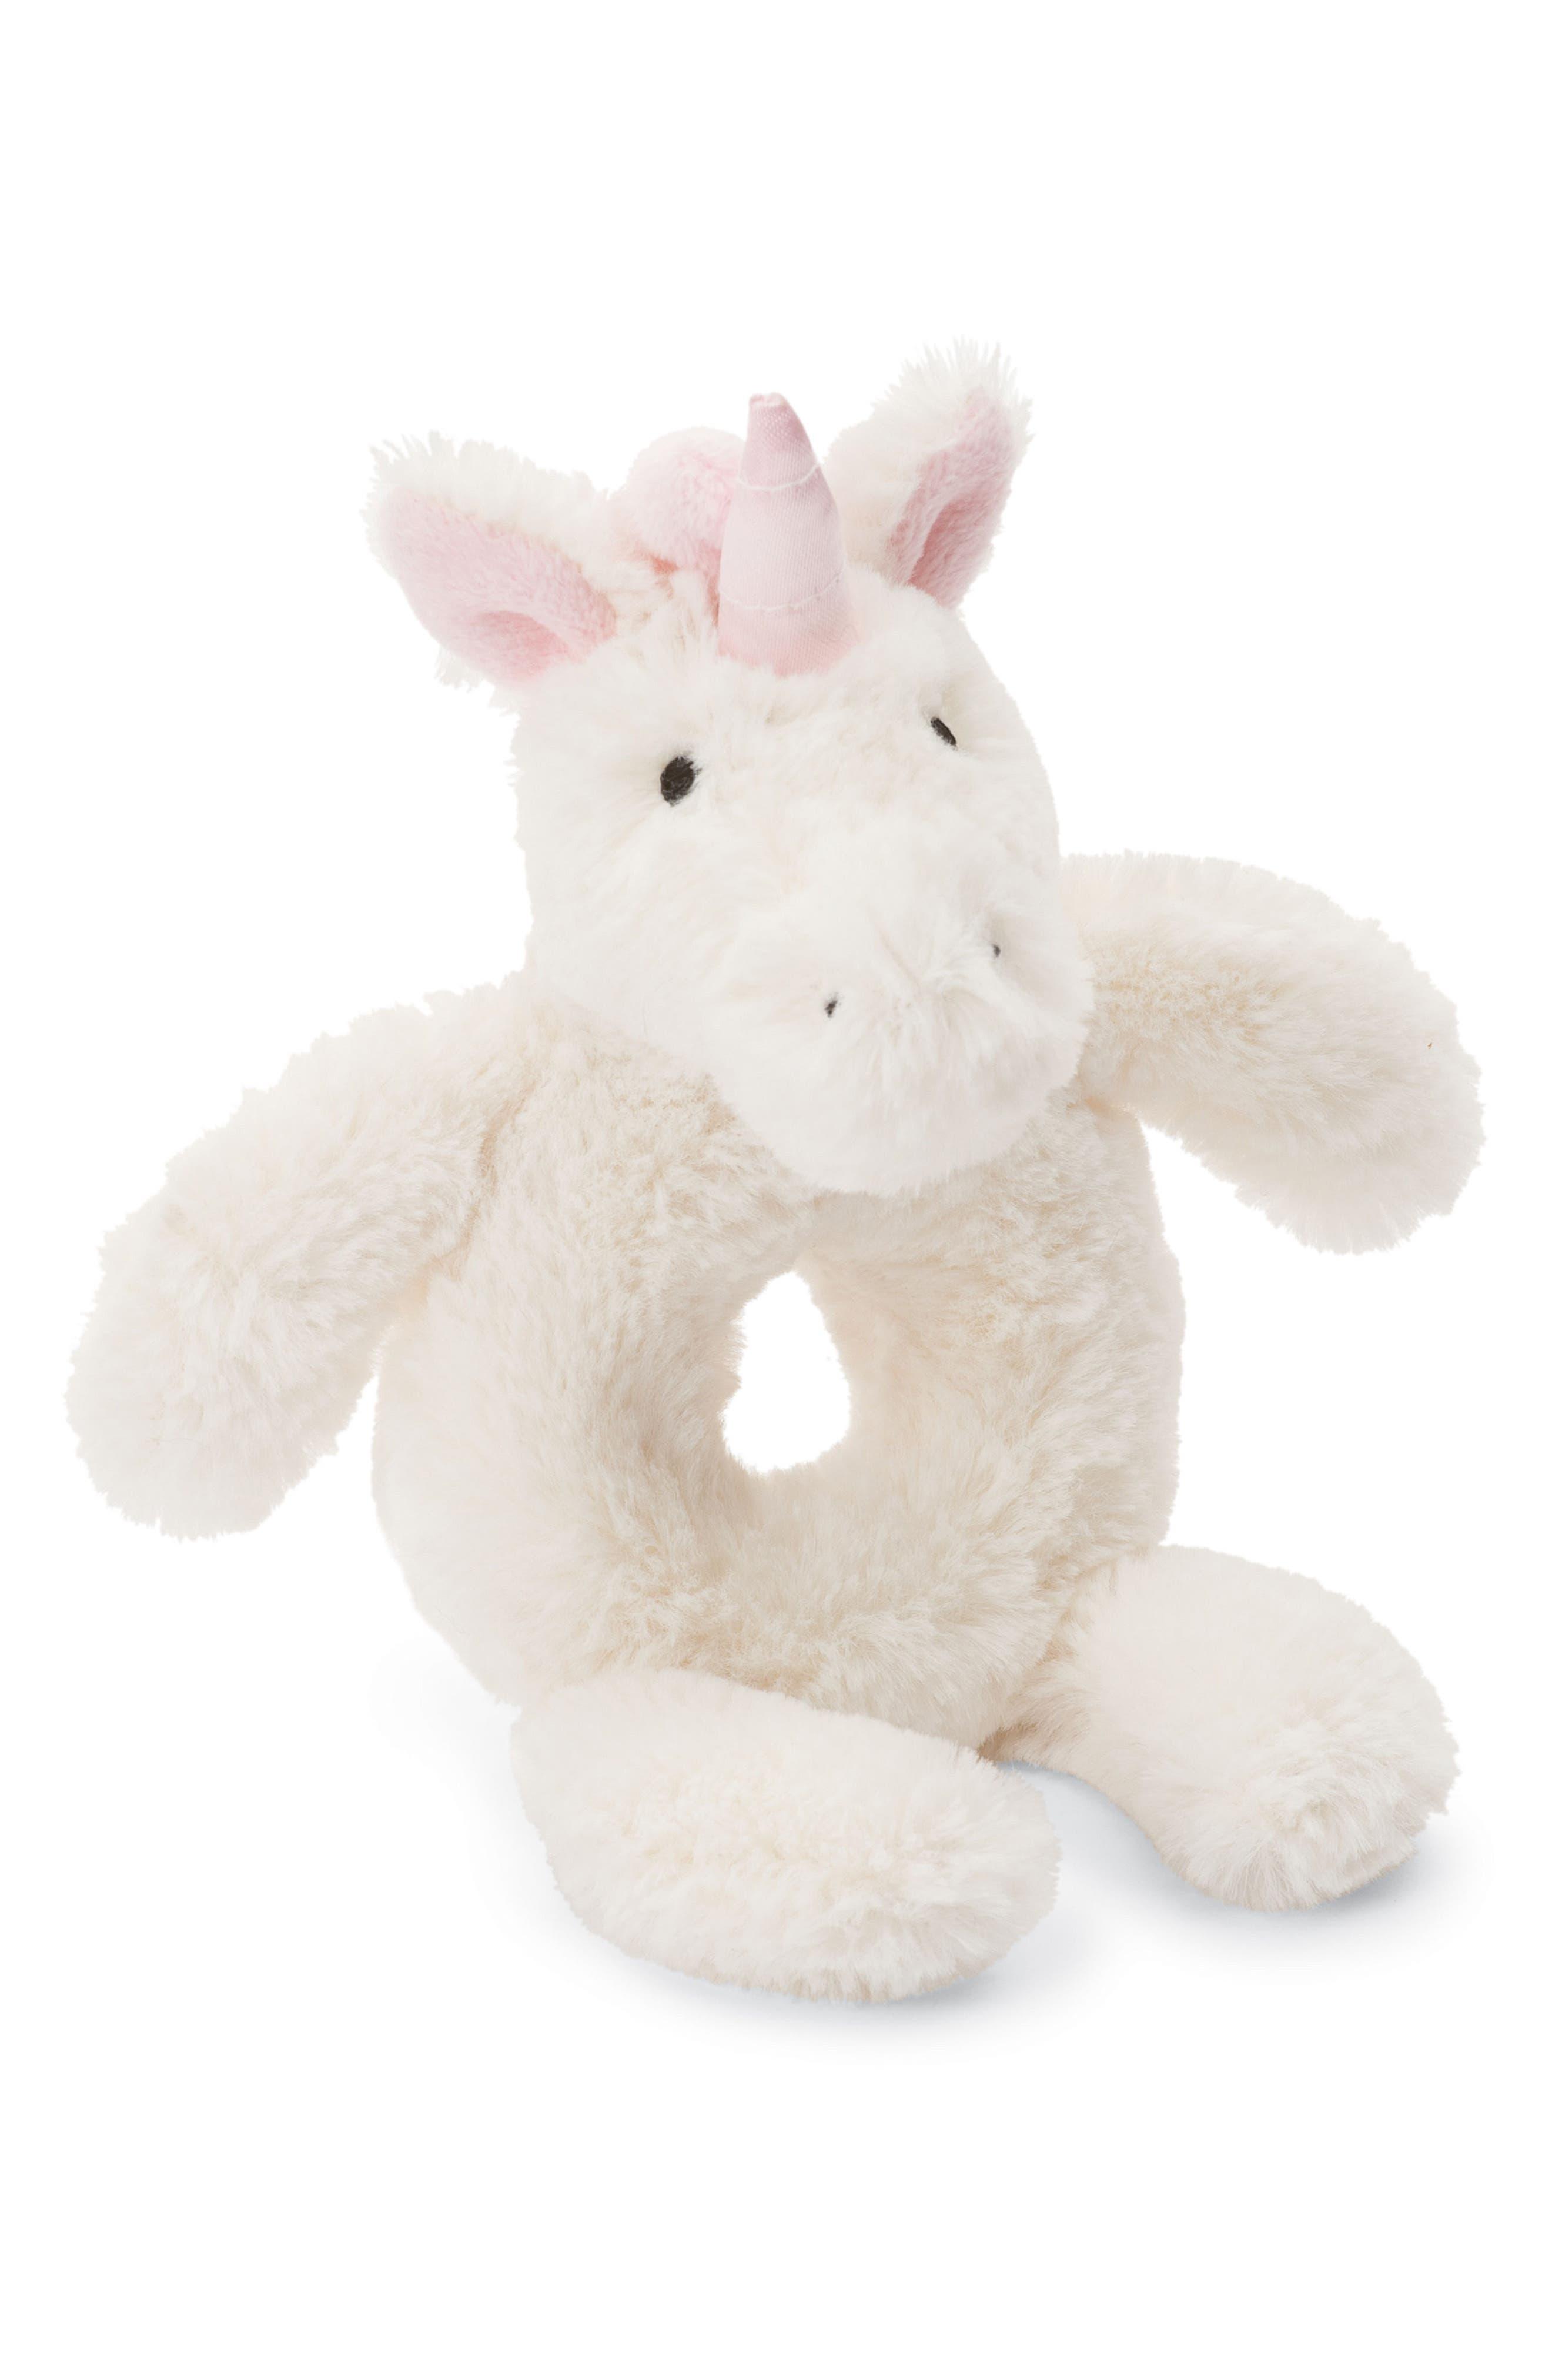 Main Image - Jellycat Bashful Unicorn Grabber Rattle